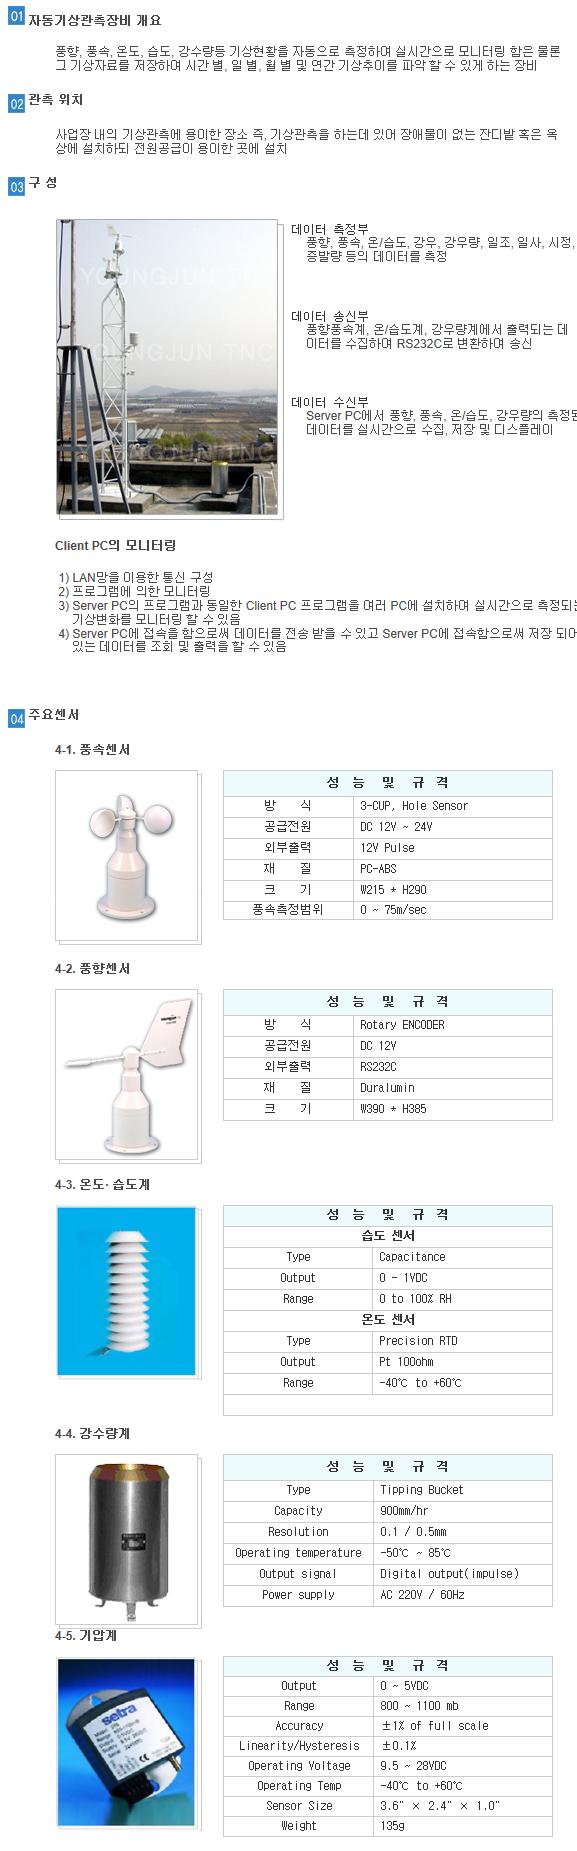 영전TNC 자동기상관측장비 (AWS)